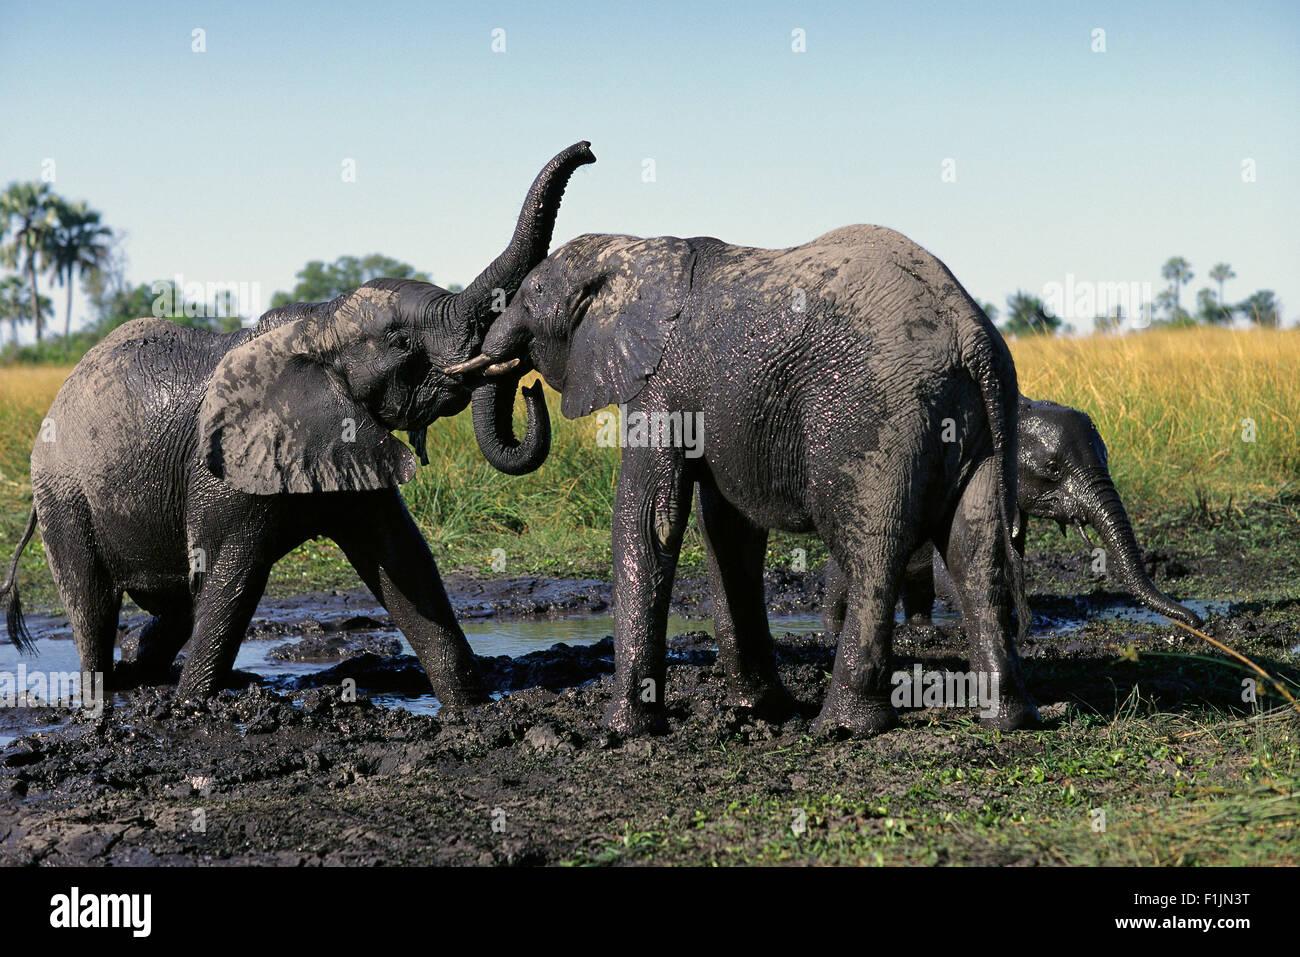 Elephants Playing in Water Hole Okavango delta, Botswana, Africa - Stock Image